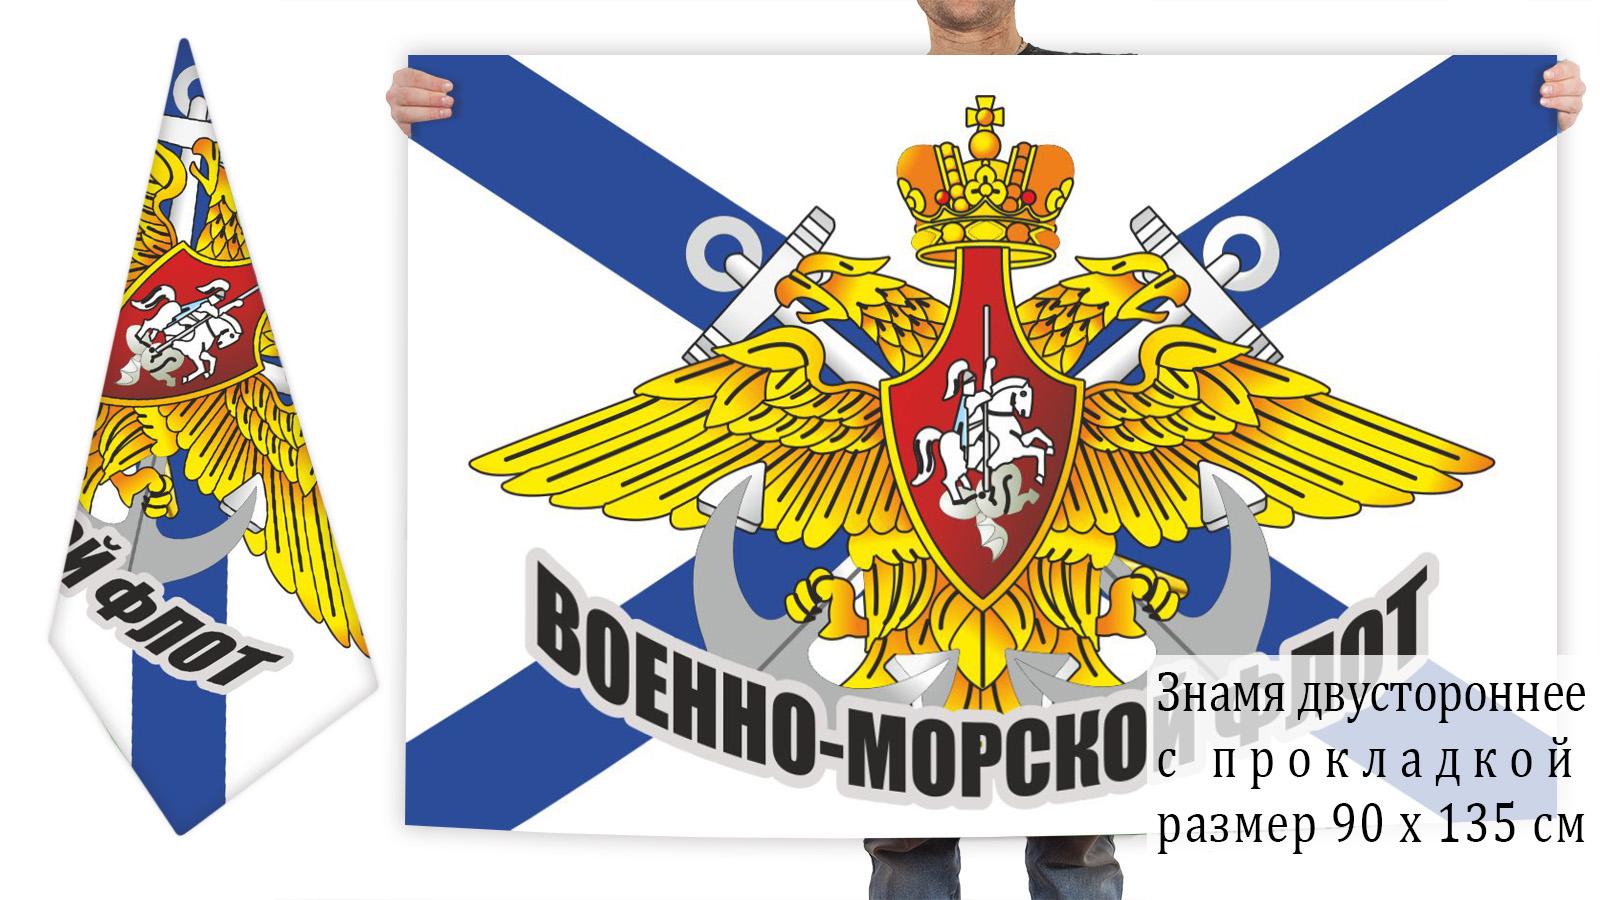 Двусторонний флаг Военно-морского флота